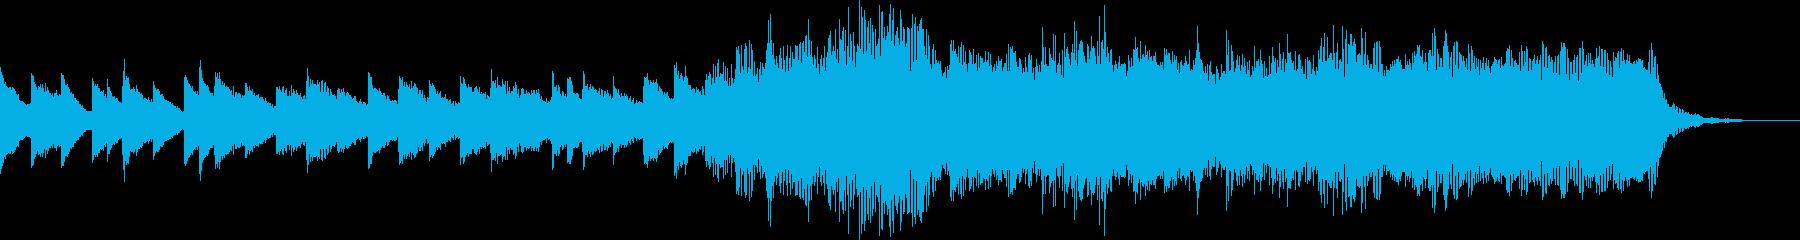 ファンタジーなジングルっぽい楽曲の再生済みの波形